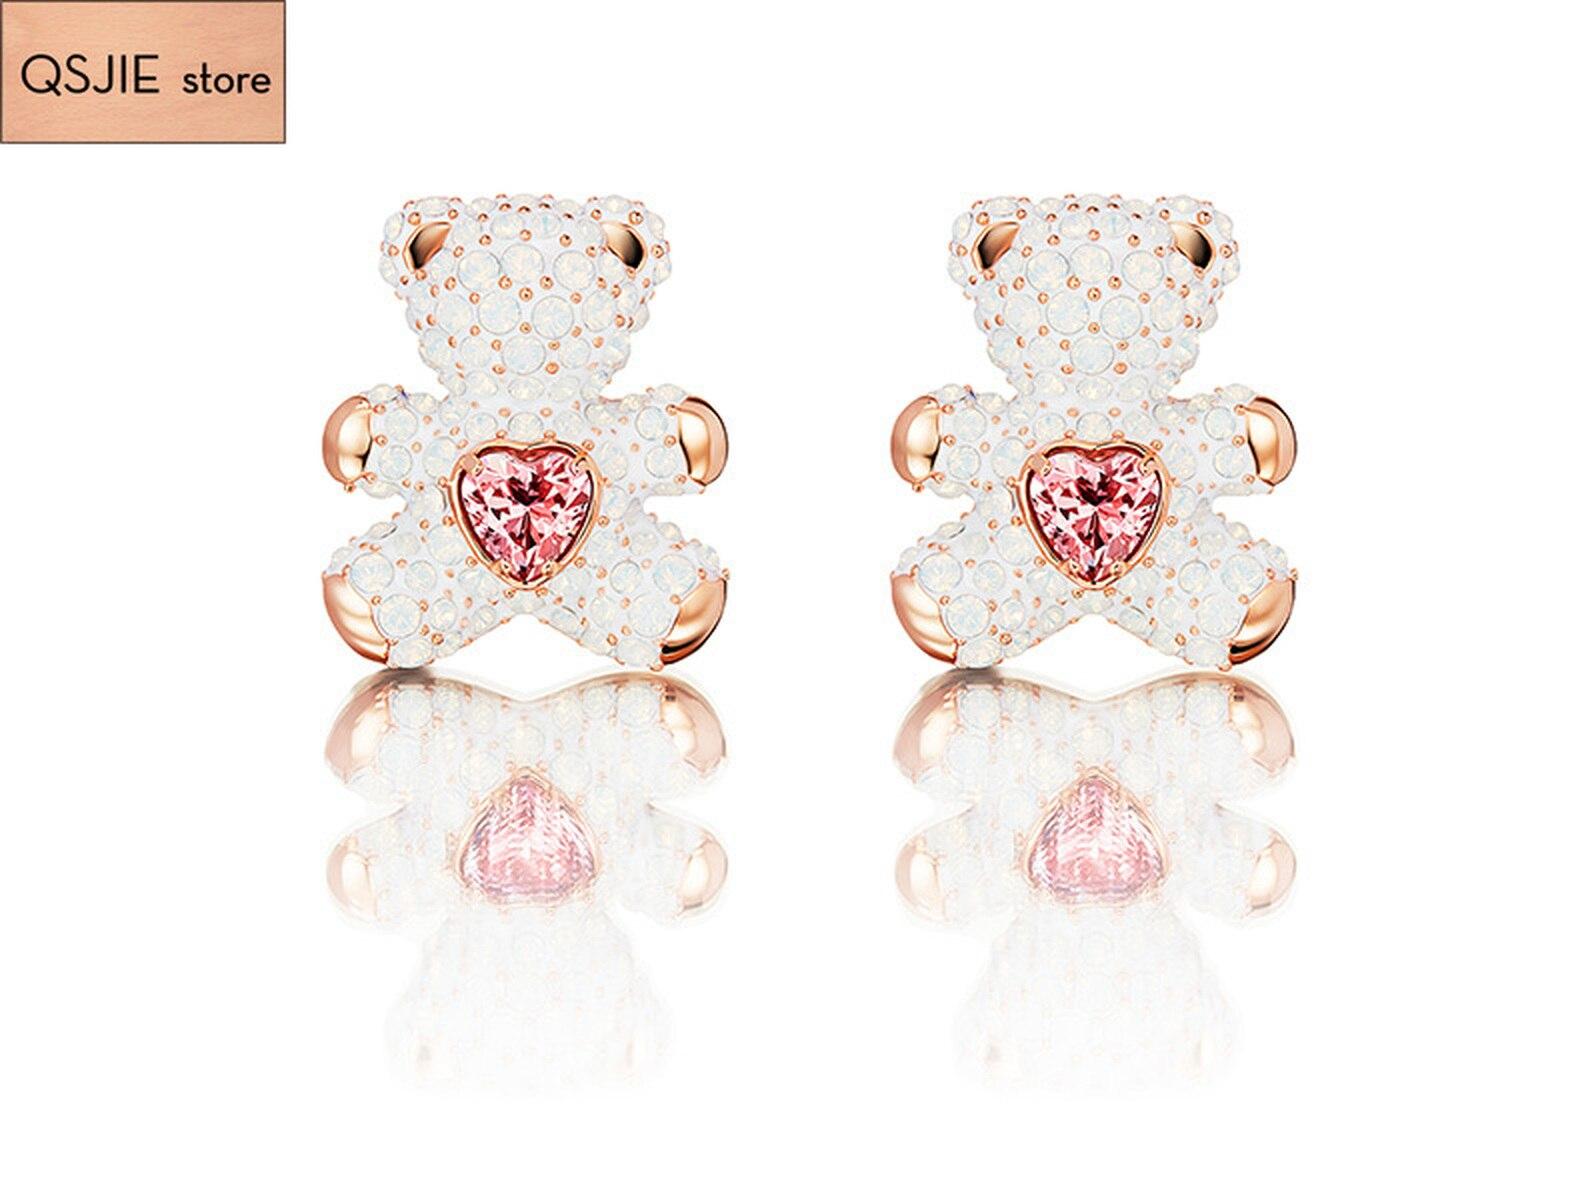 Alta qualidade swa high-grade romântico elegante acessórios de cristal bonito urso brincos para mulheres brincos